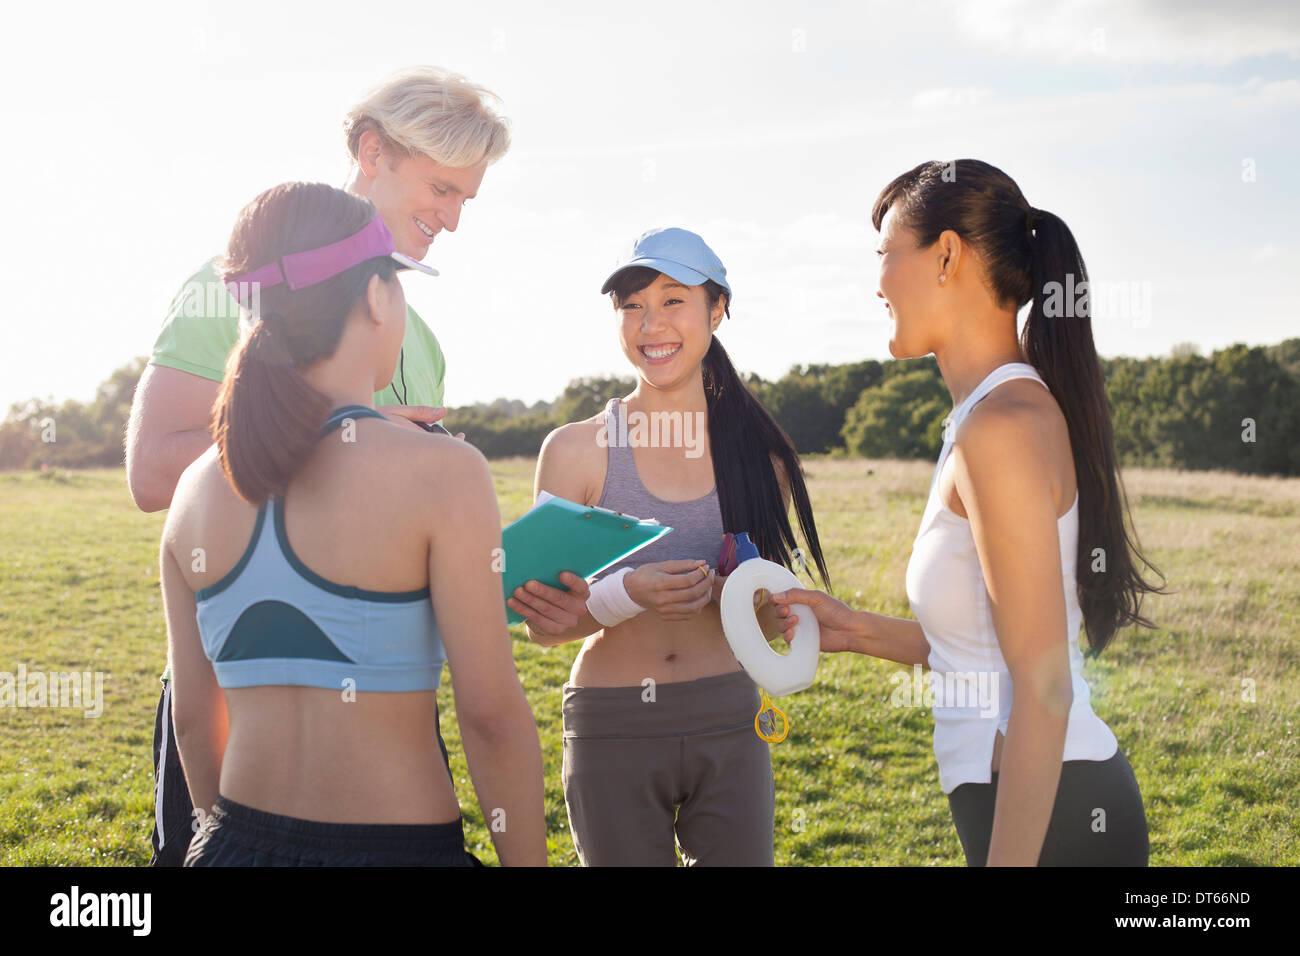 Personal trainer di dare istruzione al gruppo di clienti Immagini Stock